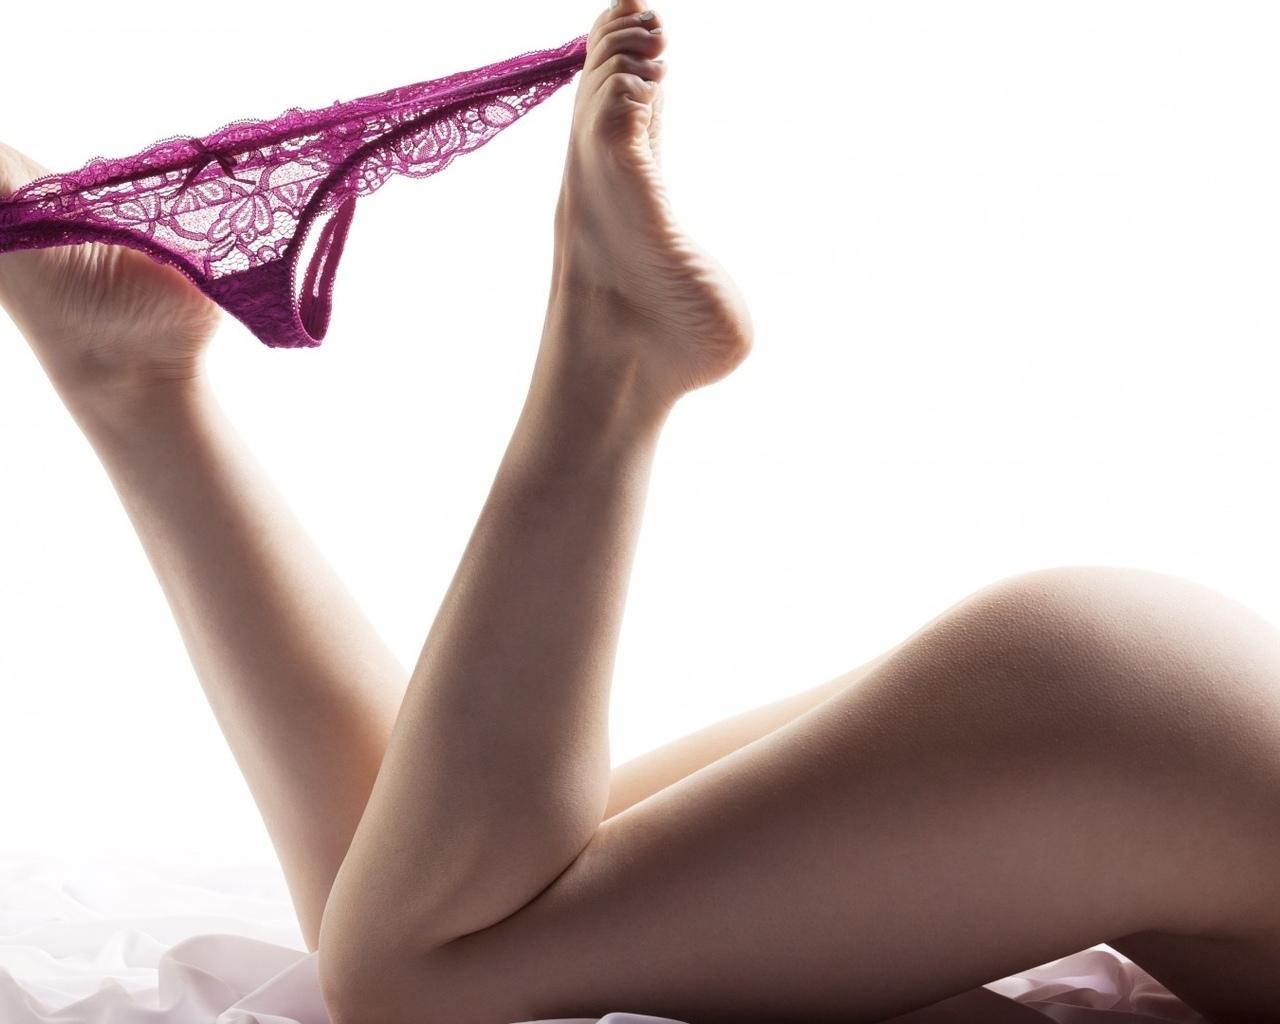 девушка, красавица, прелесть, киця бритая, ножки, голая, попка, красивая милашка, пилотка, поза, секси, попка супер, большие сиси, сняла трусики